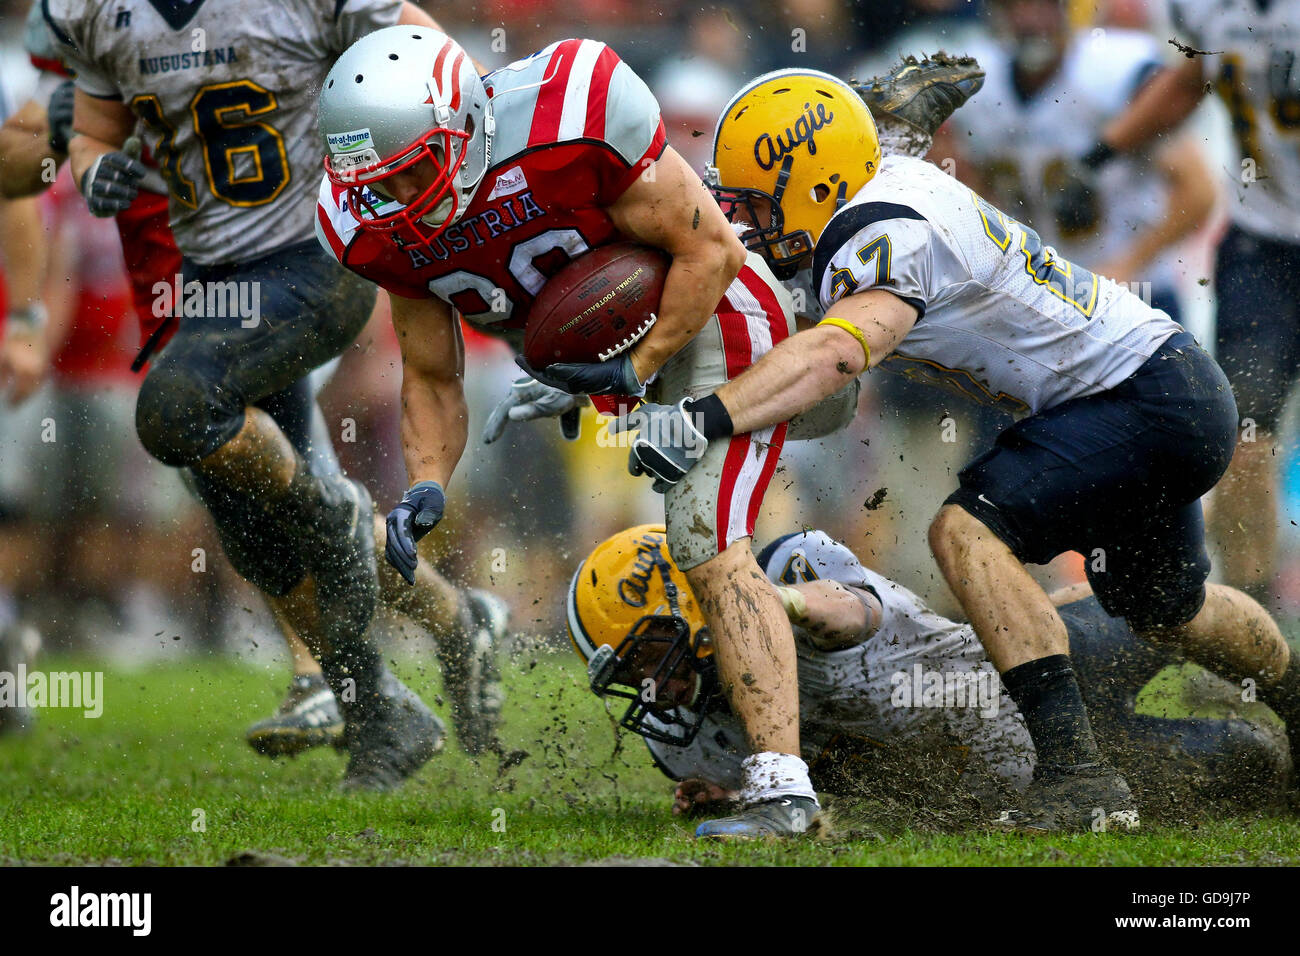 L'équipe de football américain, l'Autriche contre l'Augustana Vikings jouant dans l'organisme Photo Stock